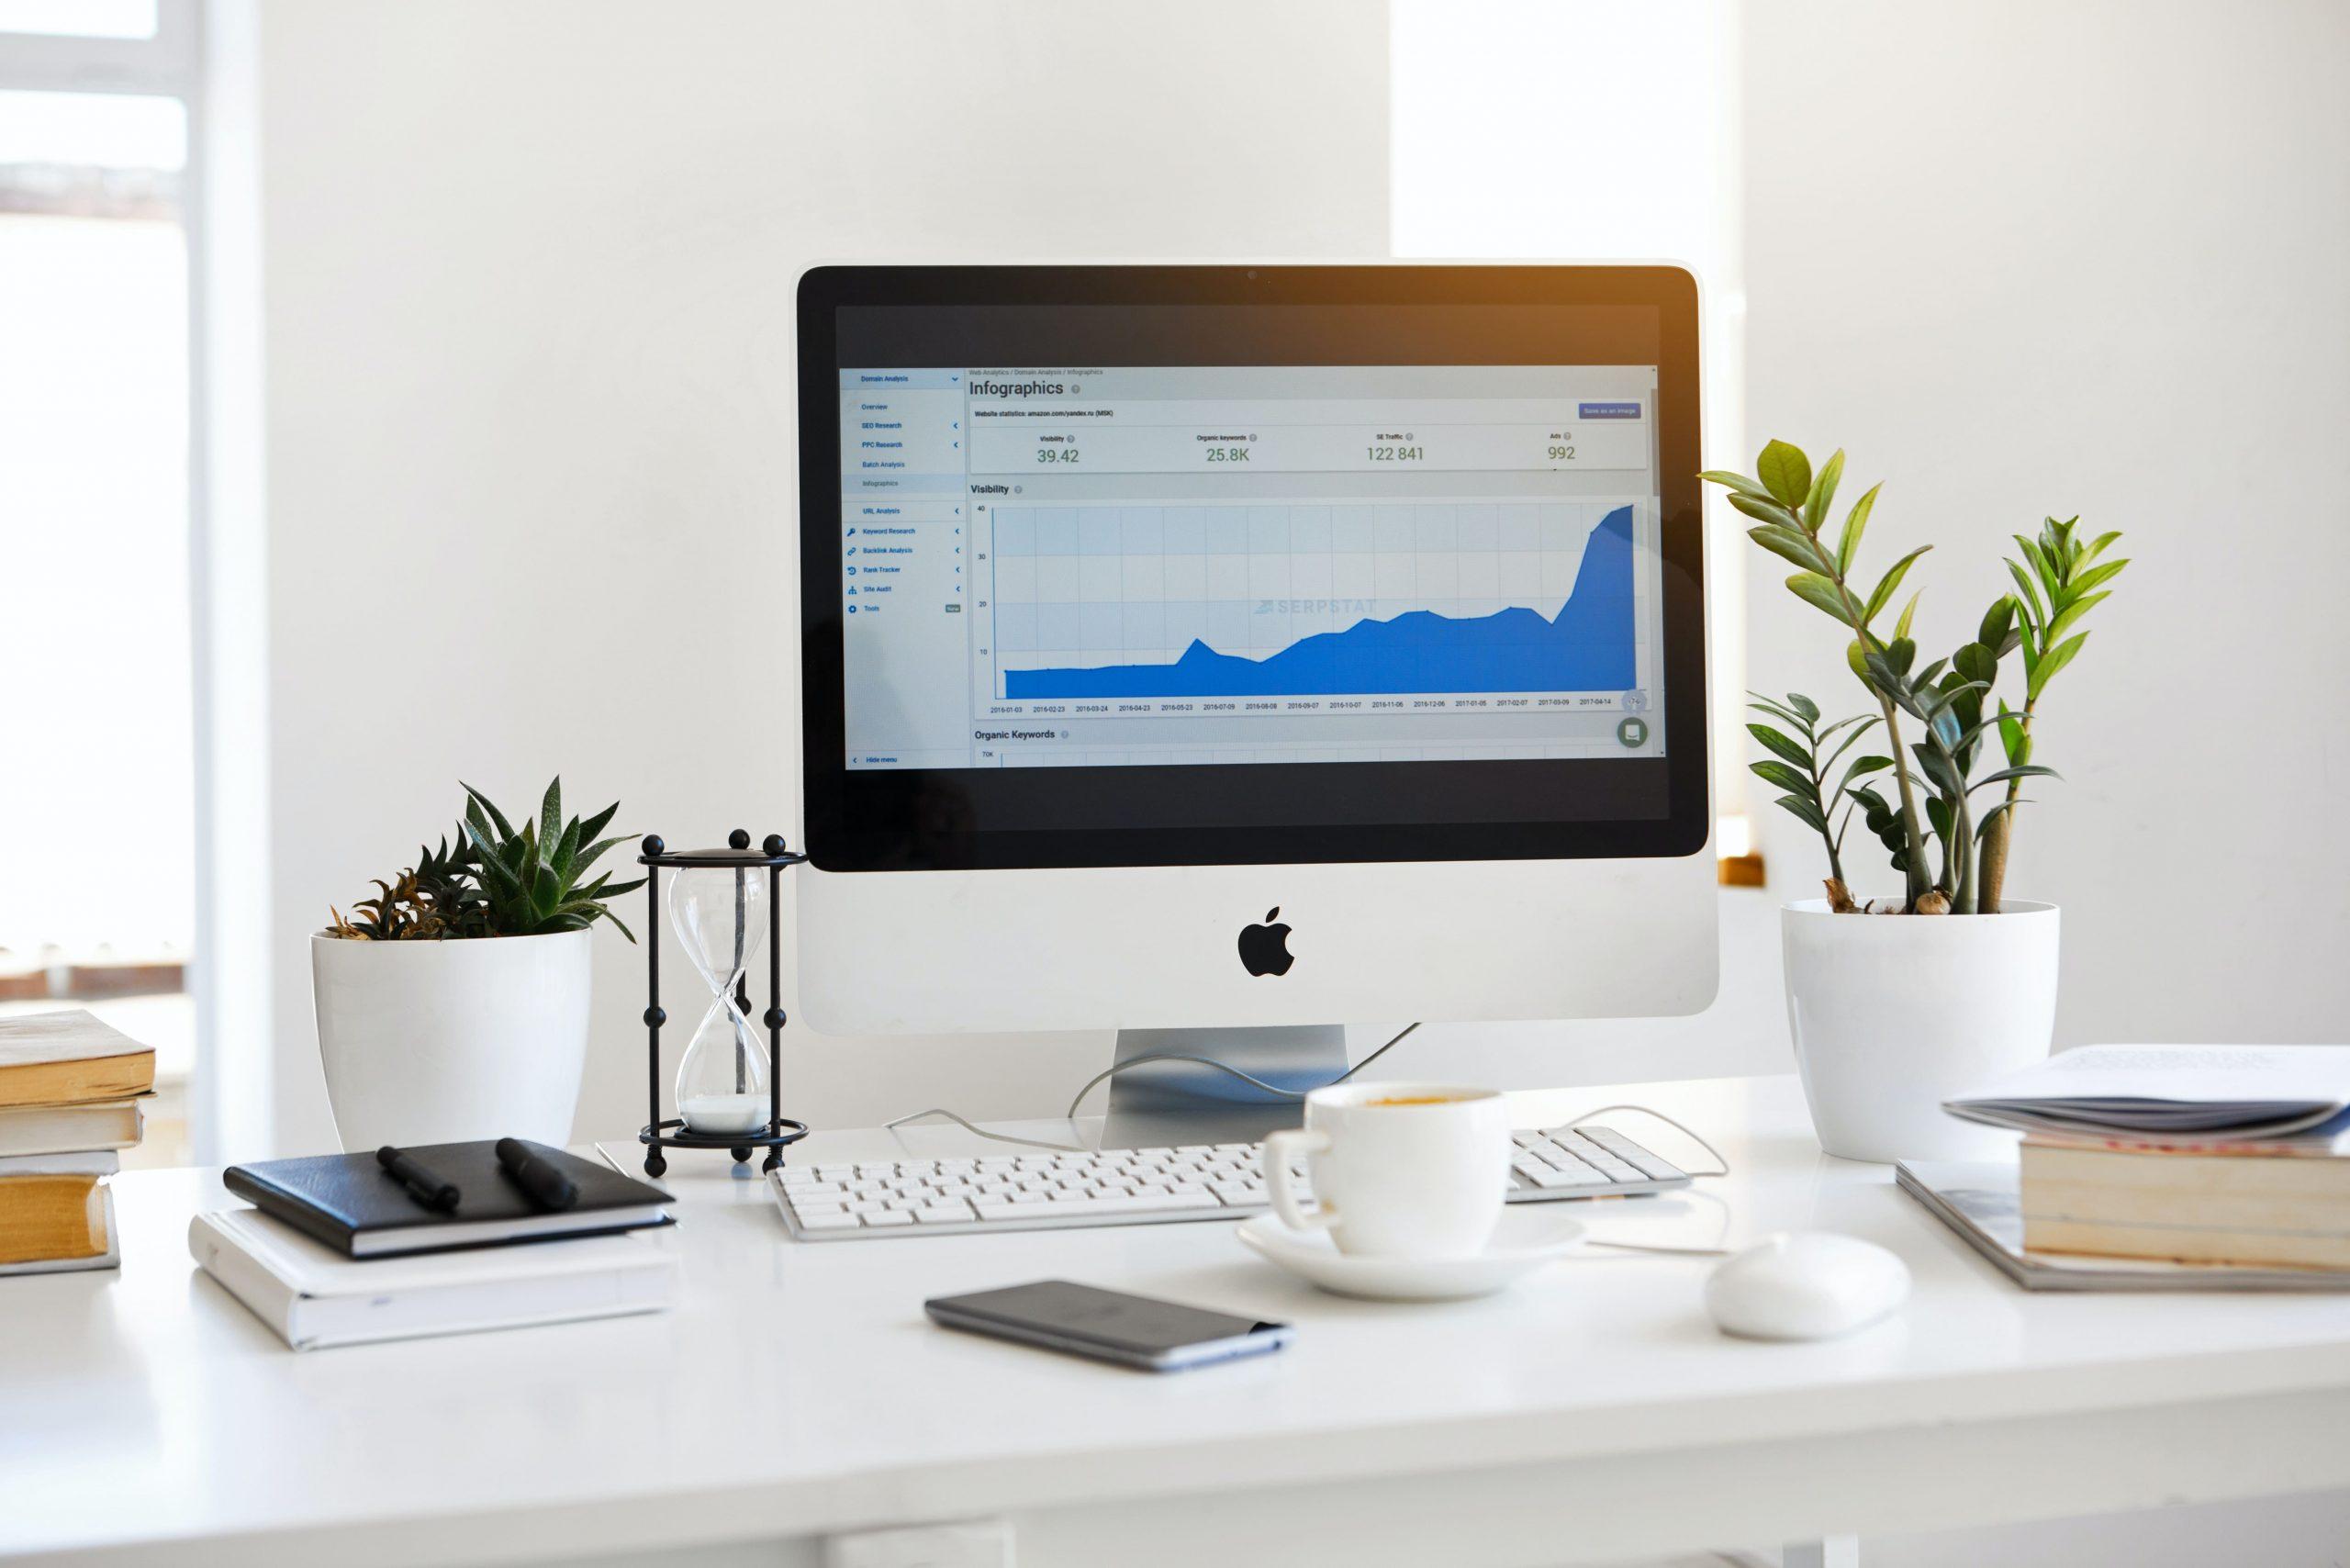 Ordenador Mac con estadísticas de redes sociales